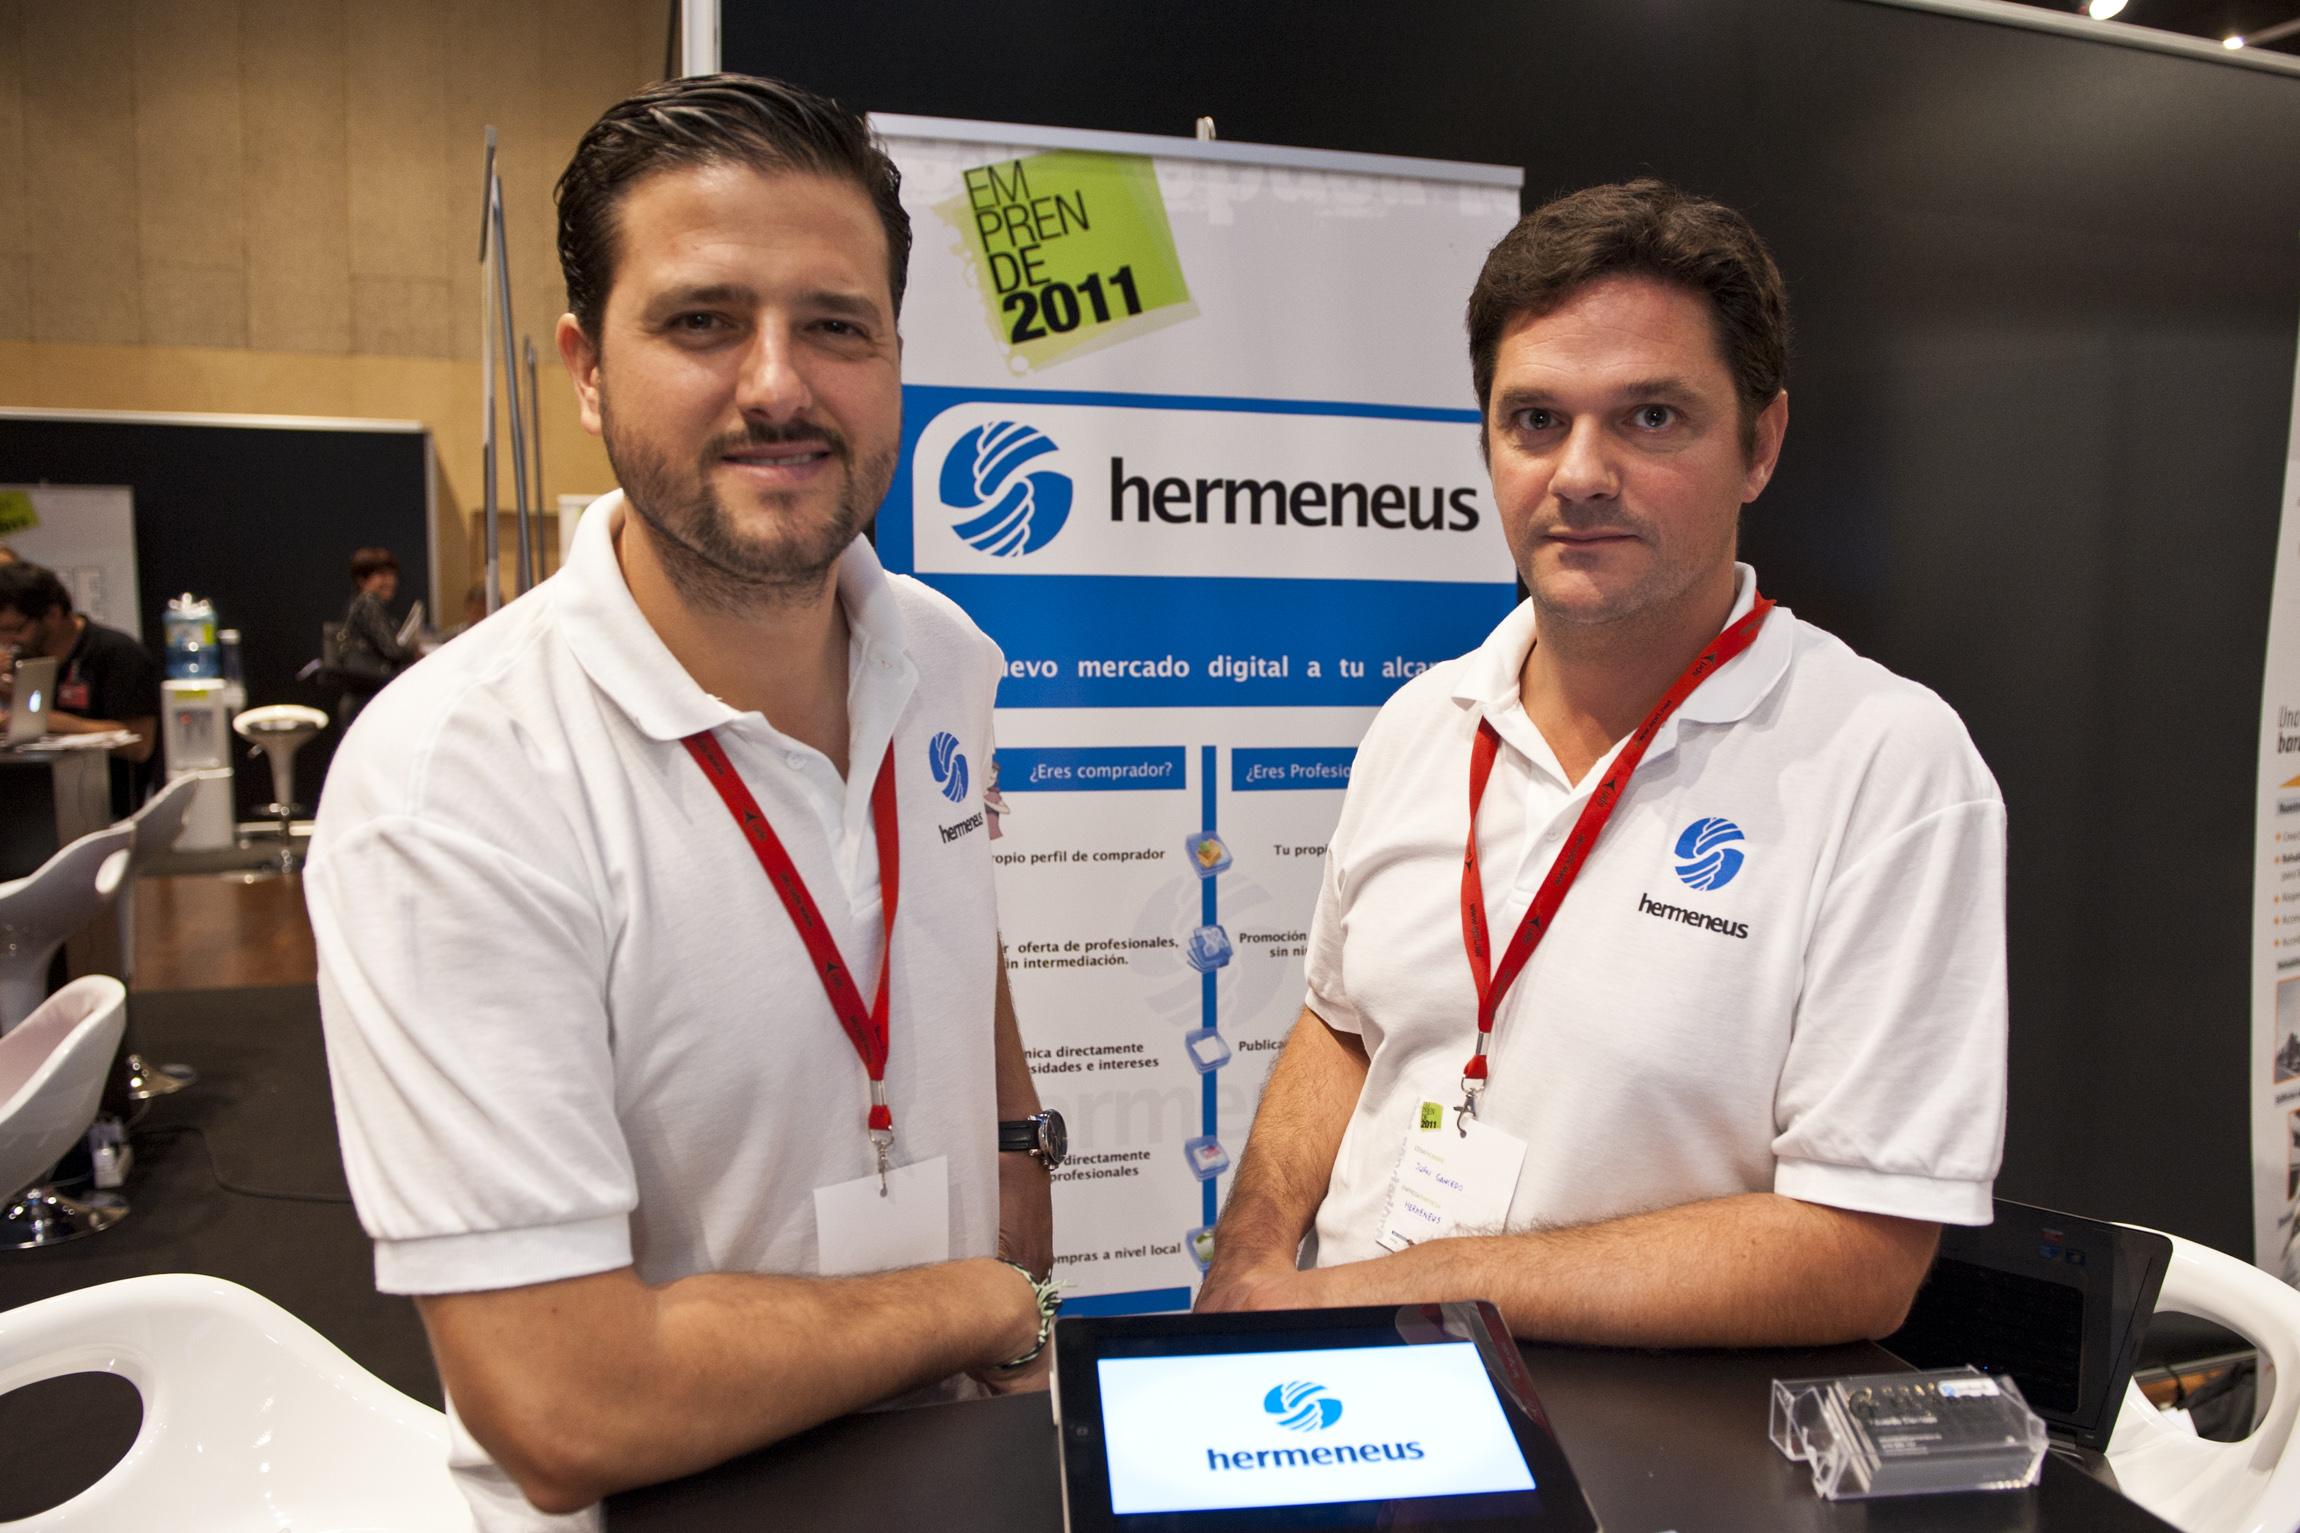 2011_09_14_emprendedores_056.jpg